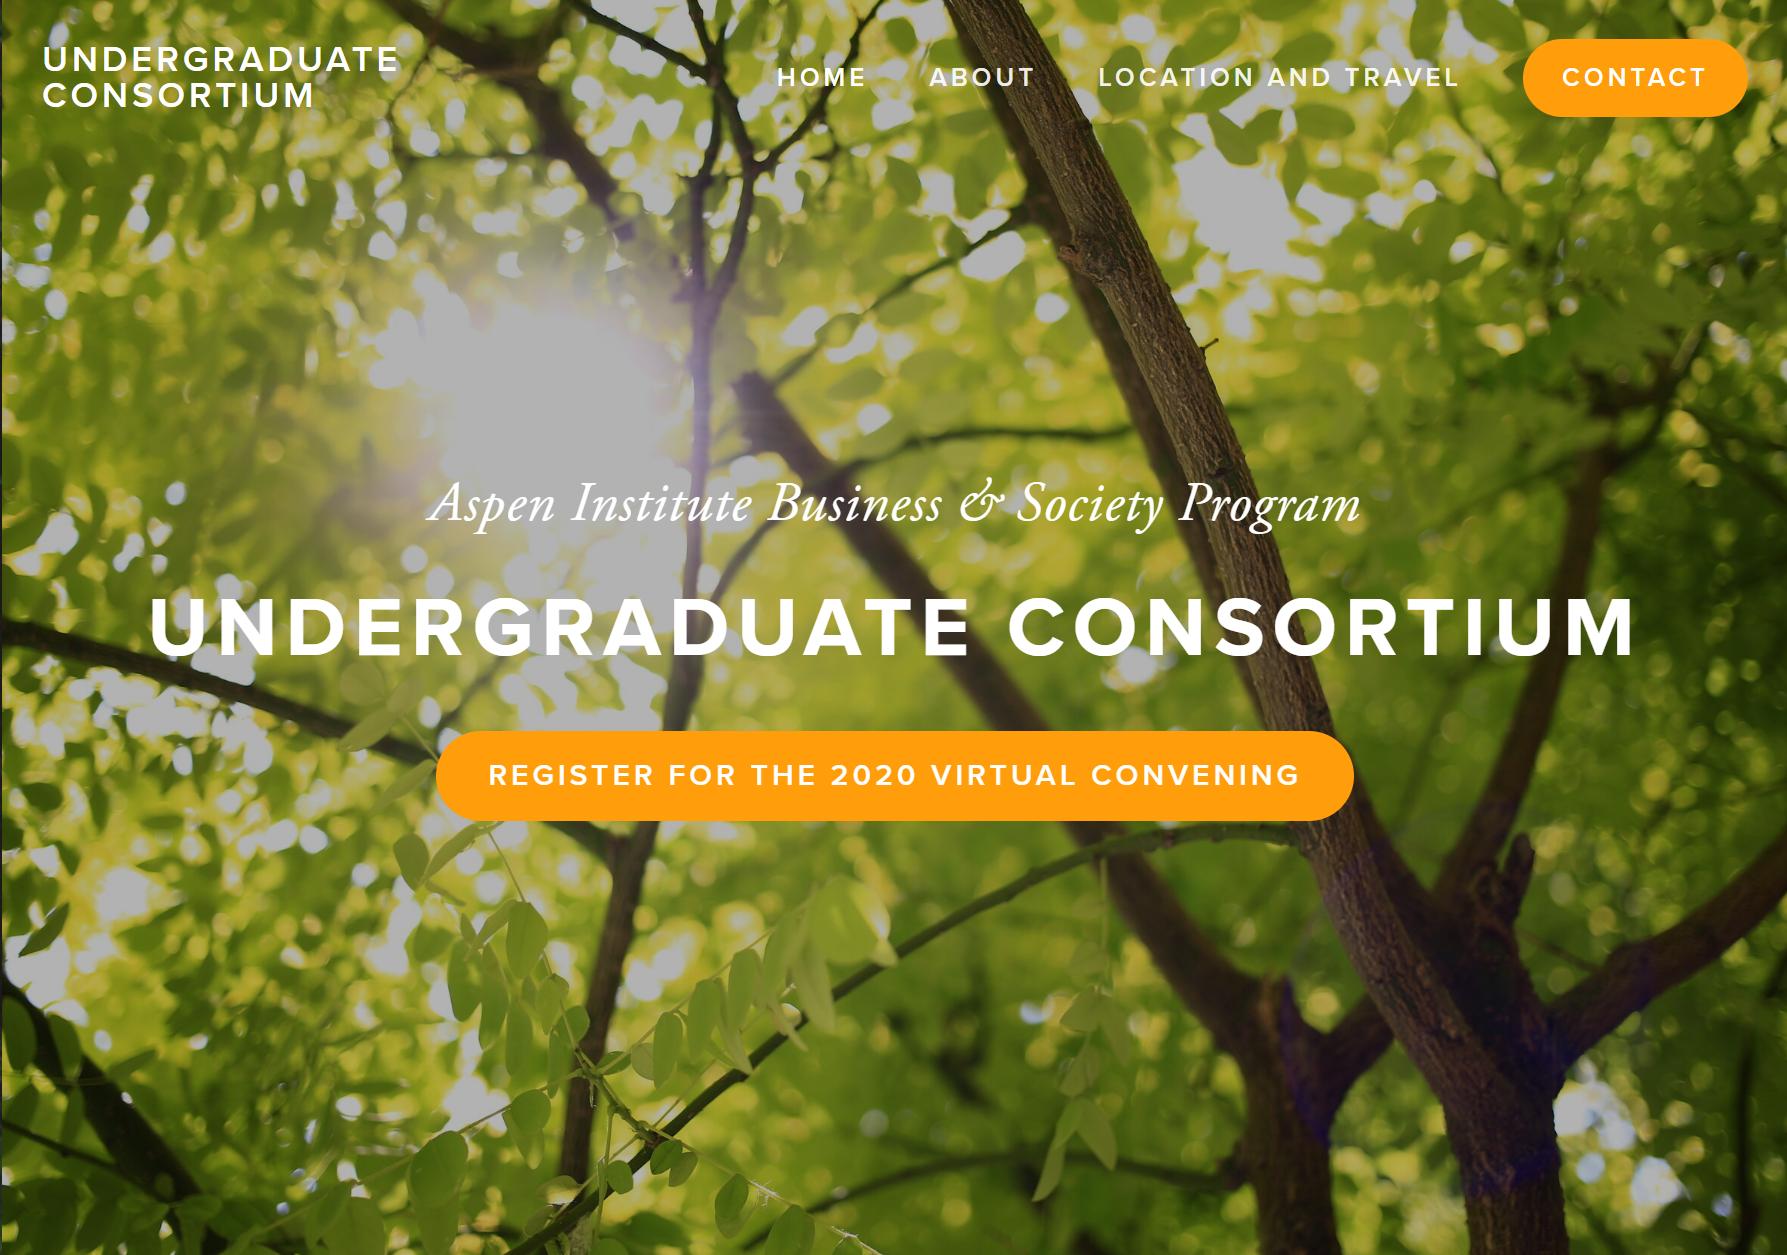 Virtual - 2020 Undergraduate Convening